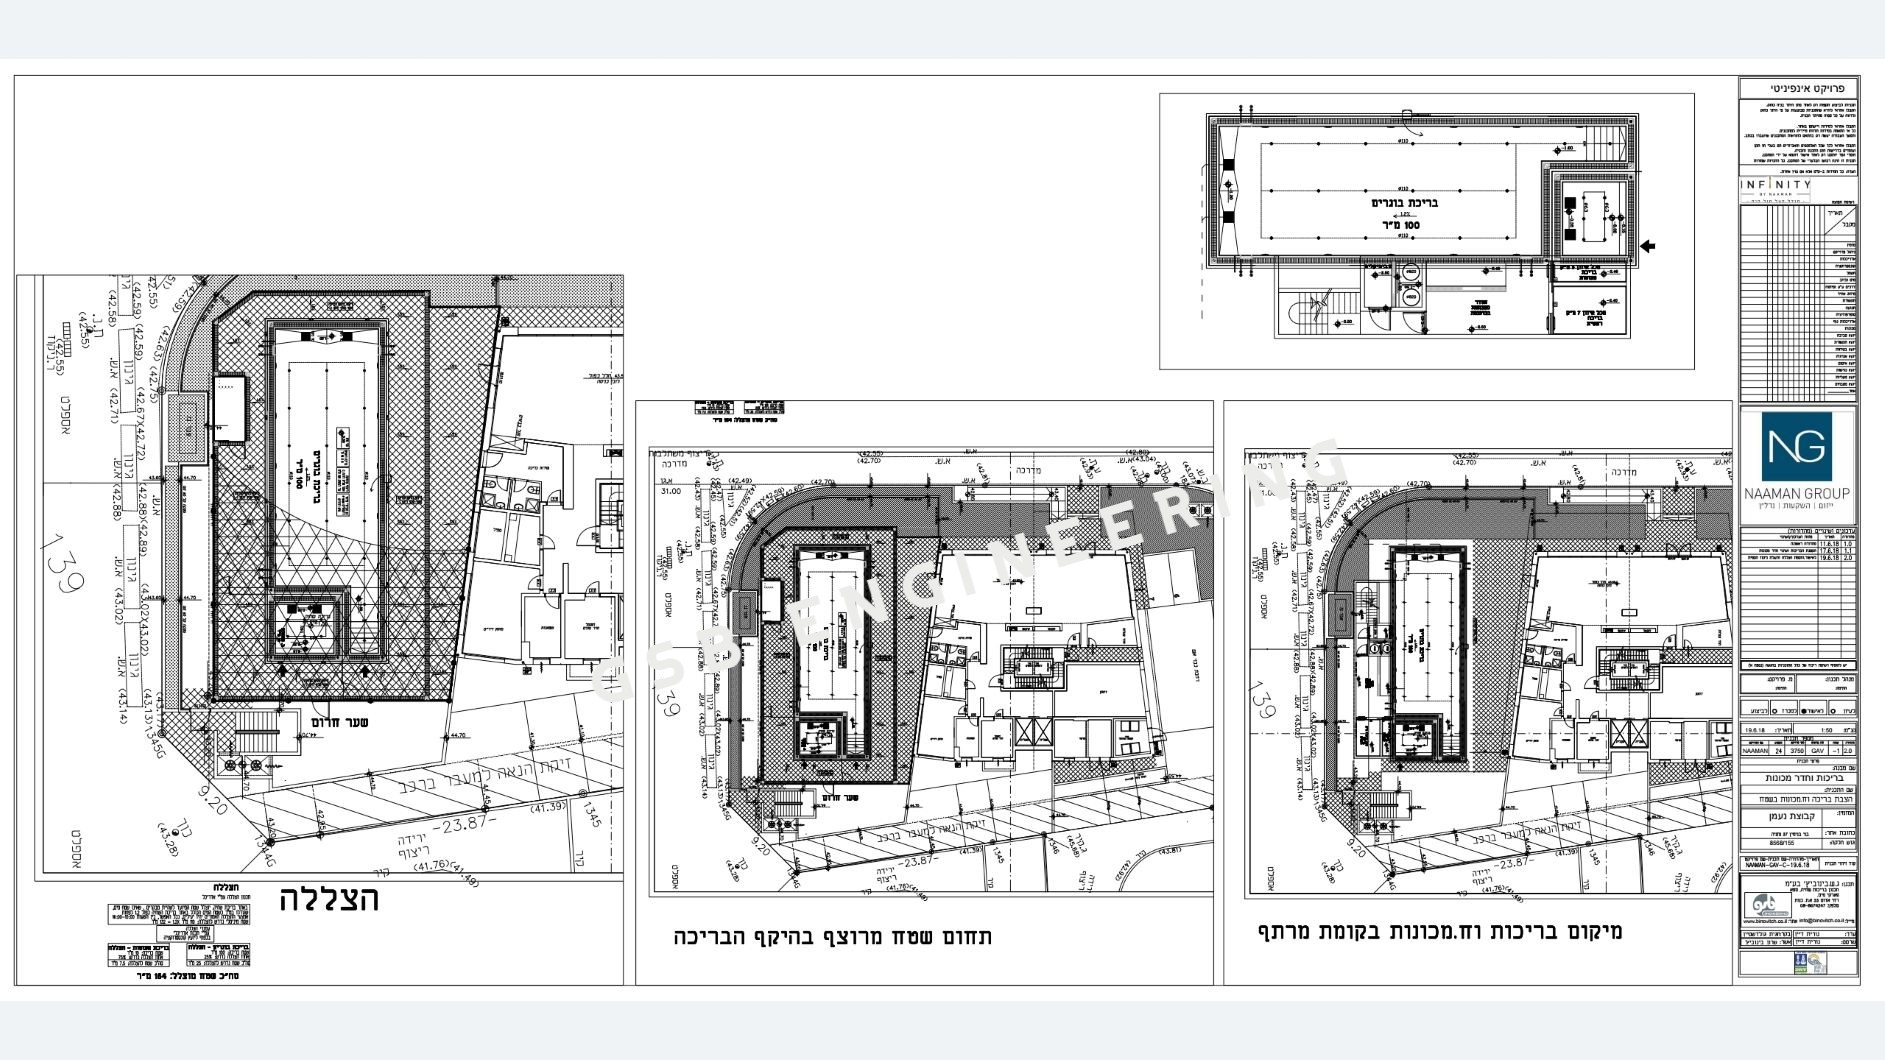 תכנון בריכות שחייה במגדל מגורים אינפיניטי בנתניה